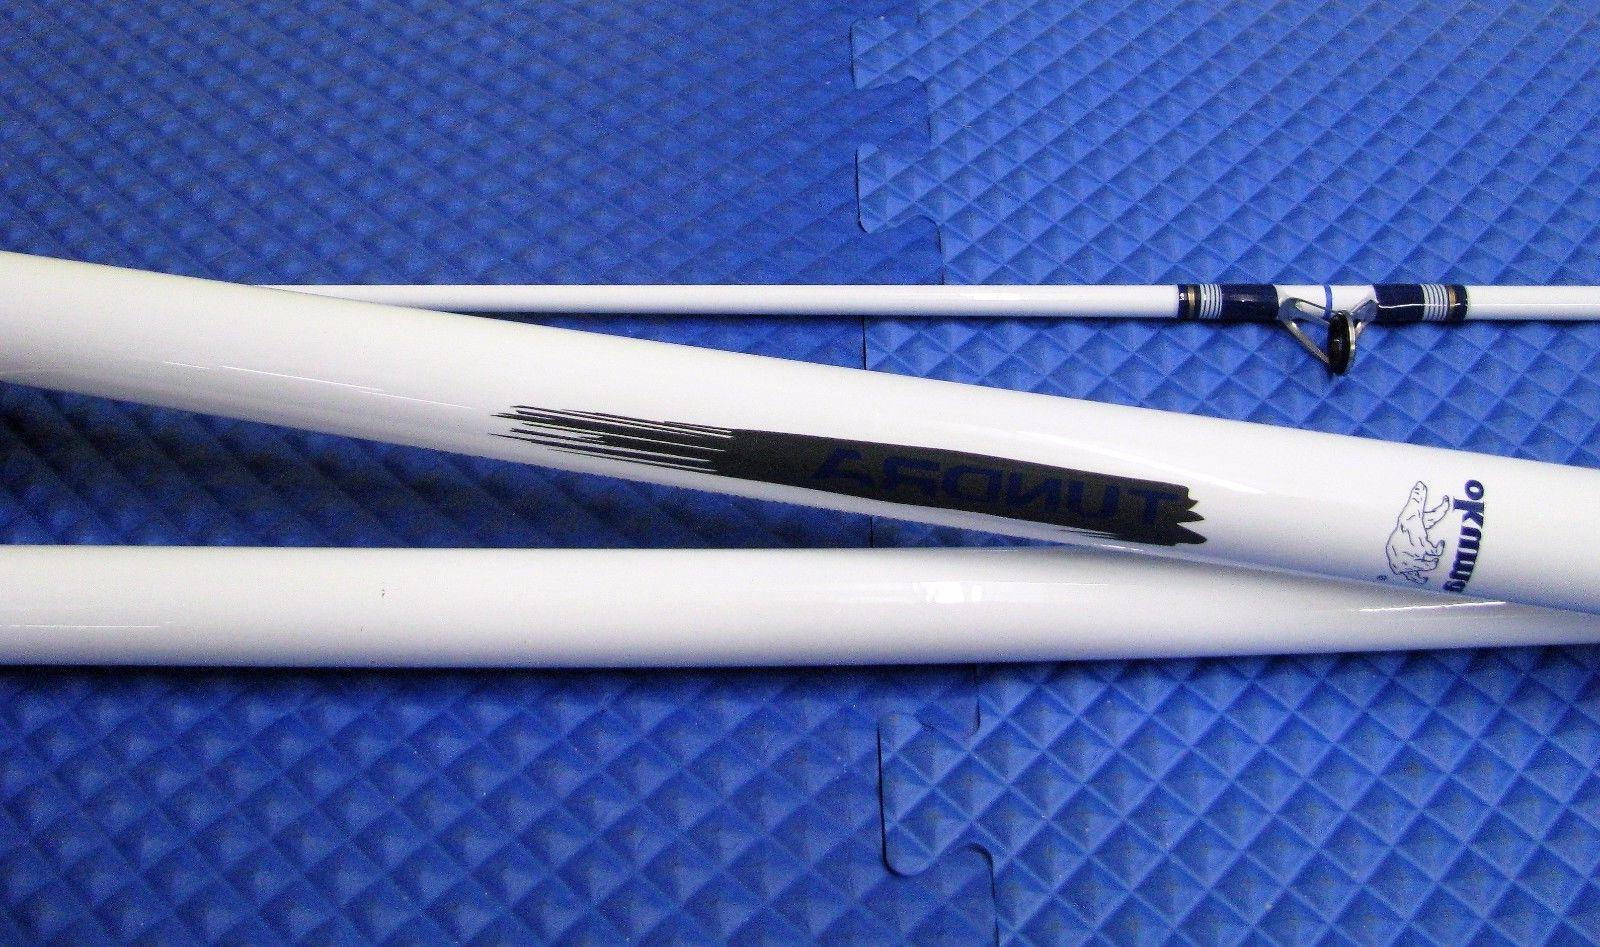 Okuma Rod 13' Spinning